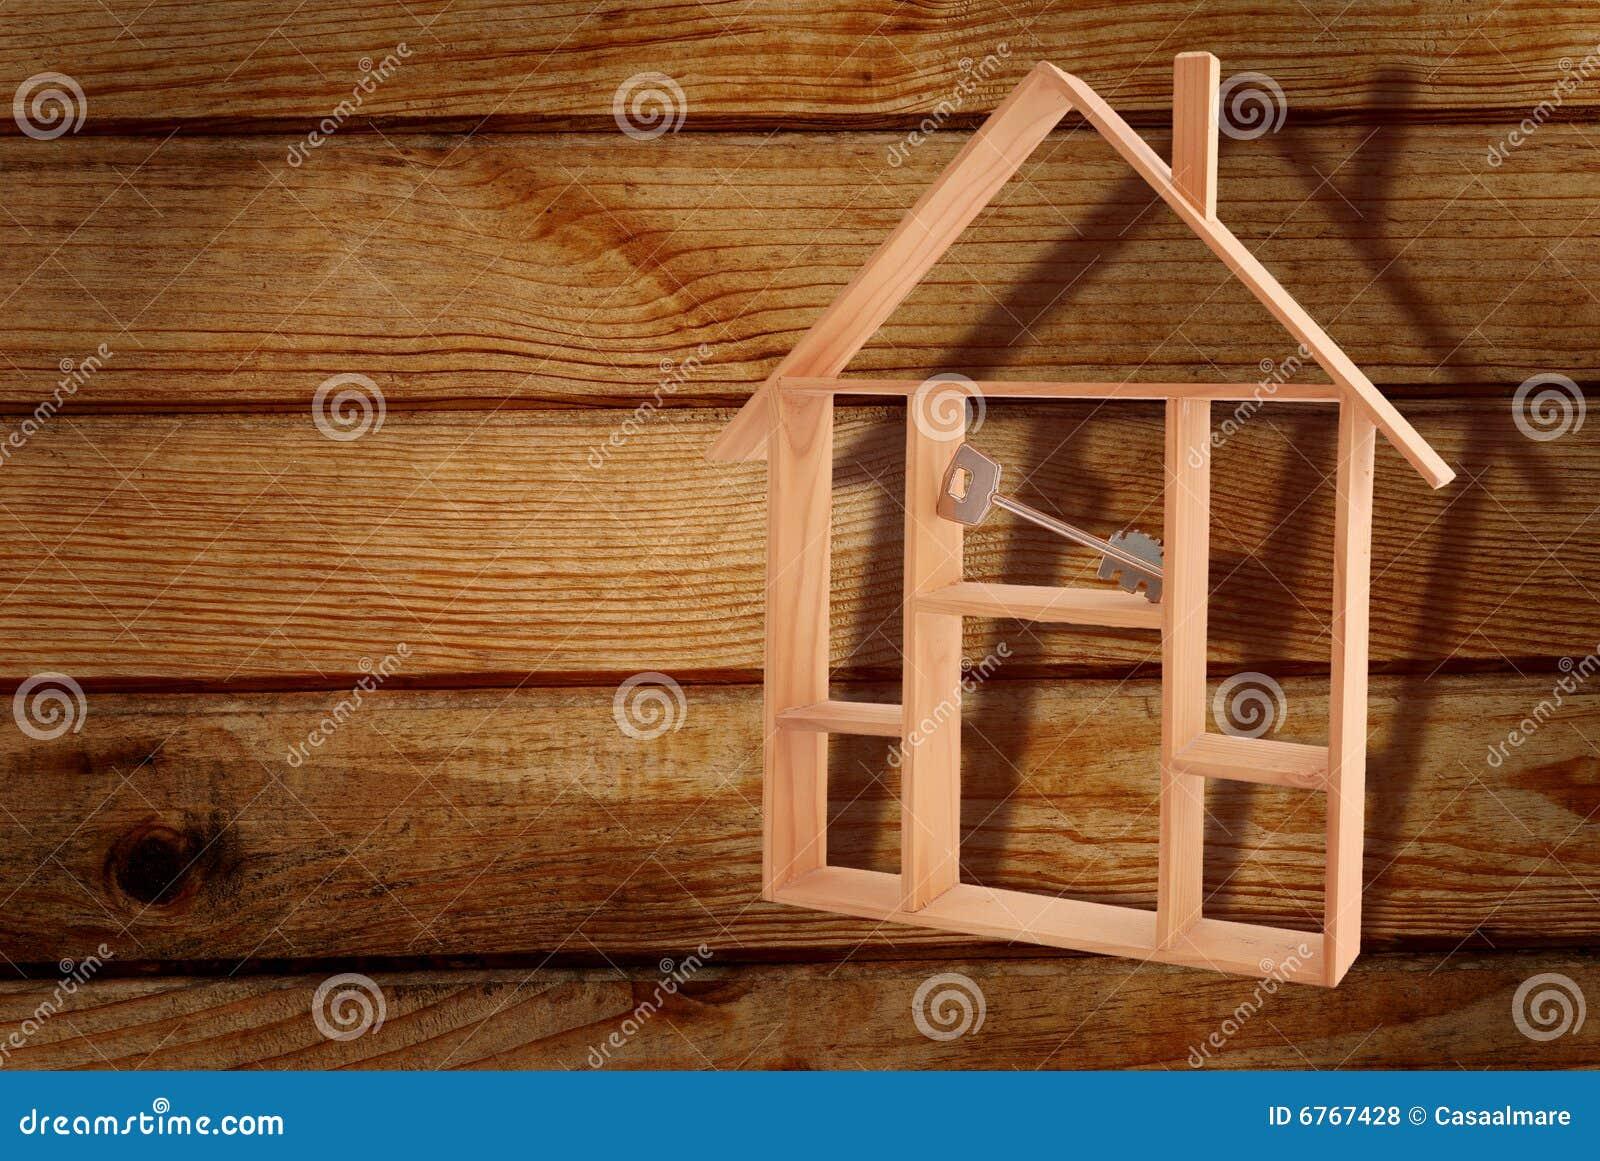 实际庄园的房子